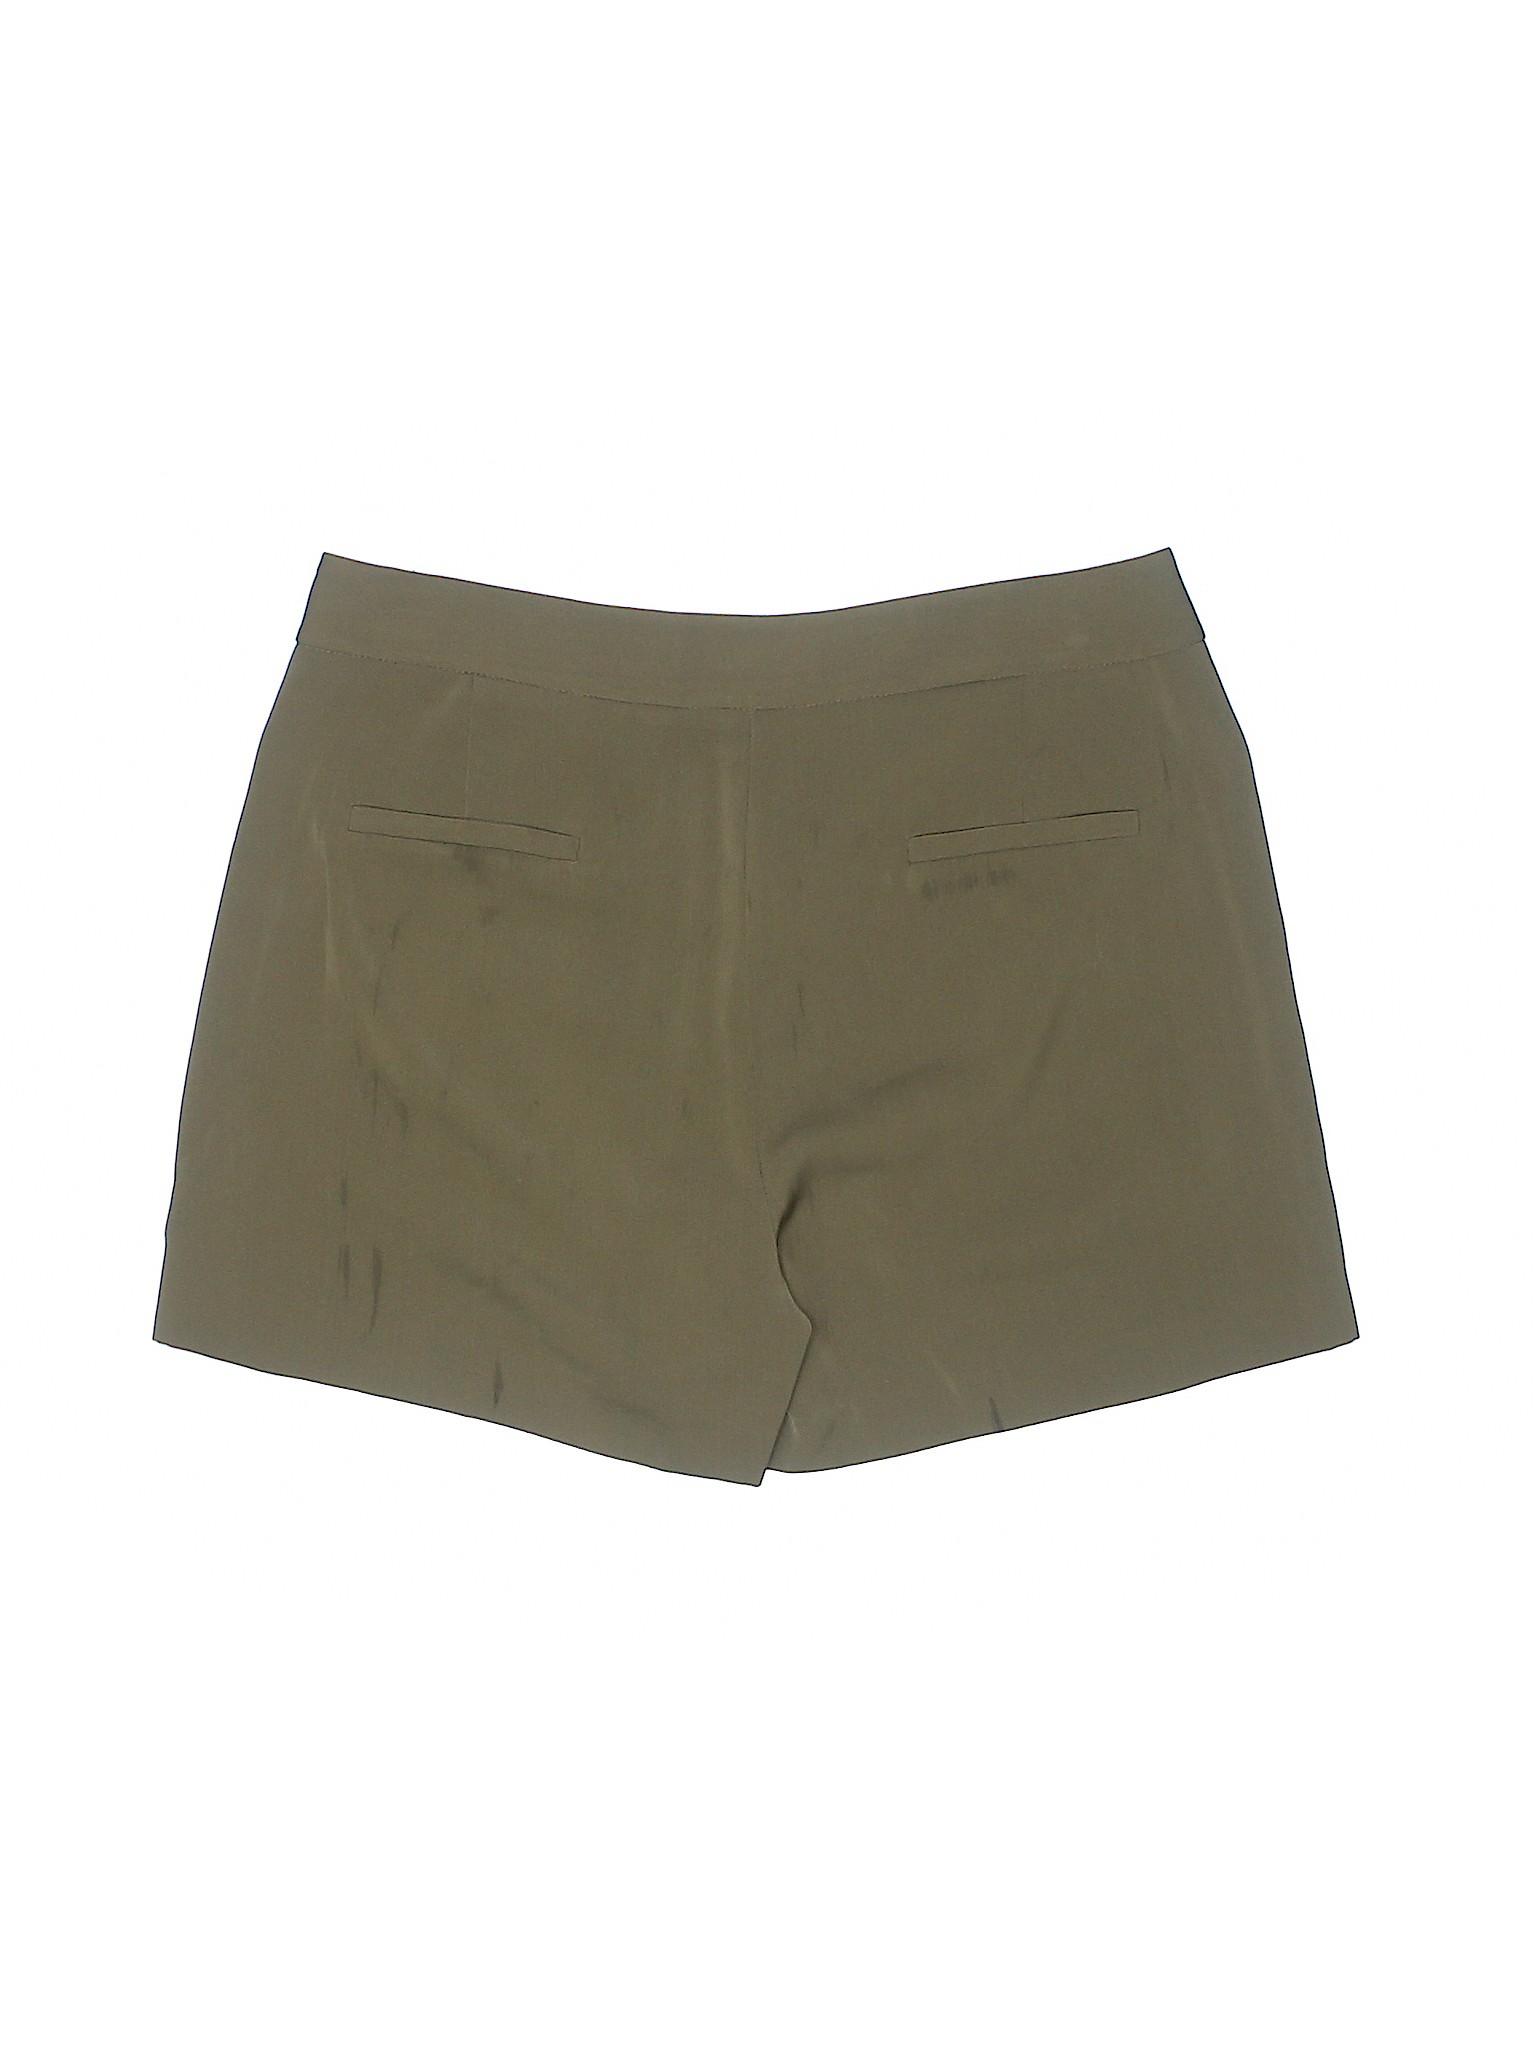 Shorts Dressy Boutique DKNYC Dressy Dressy Boutique DKNYC Shorts Boutique DKNYC Boutique Shorts wY1BqHA